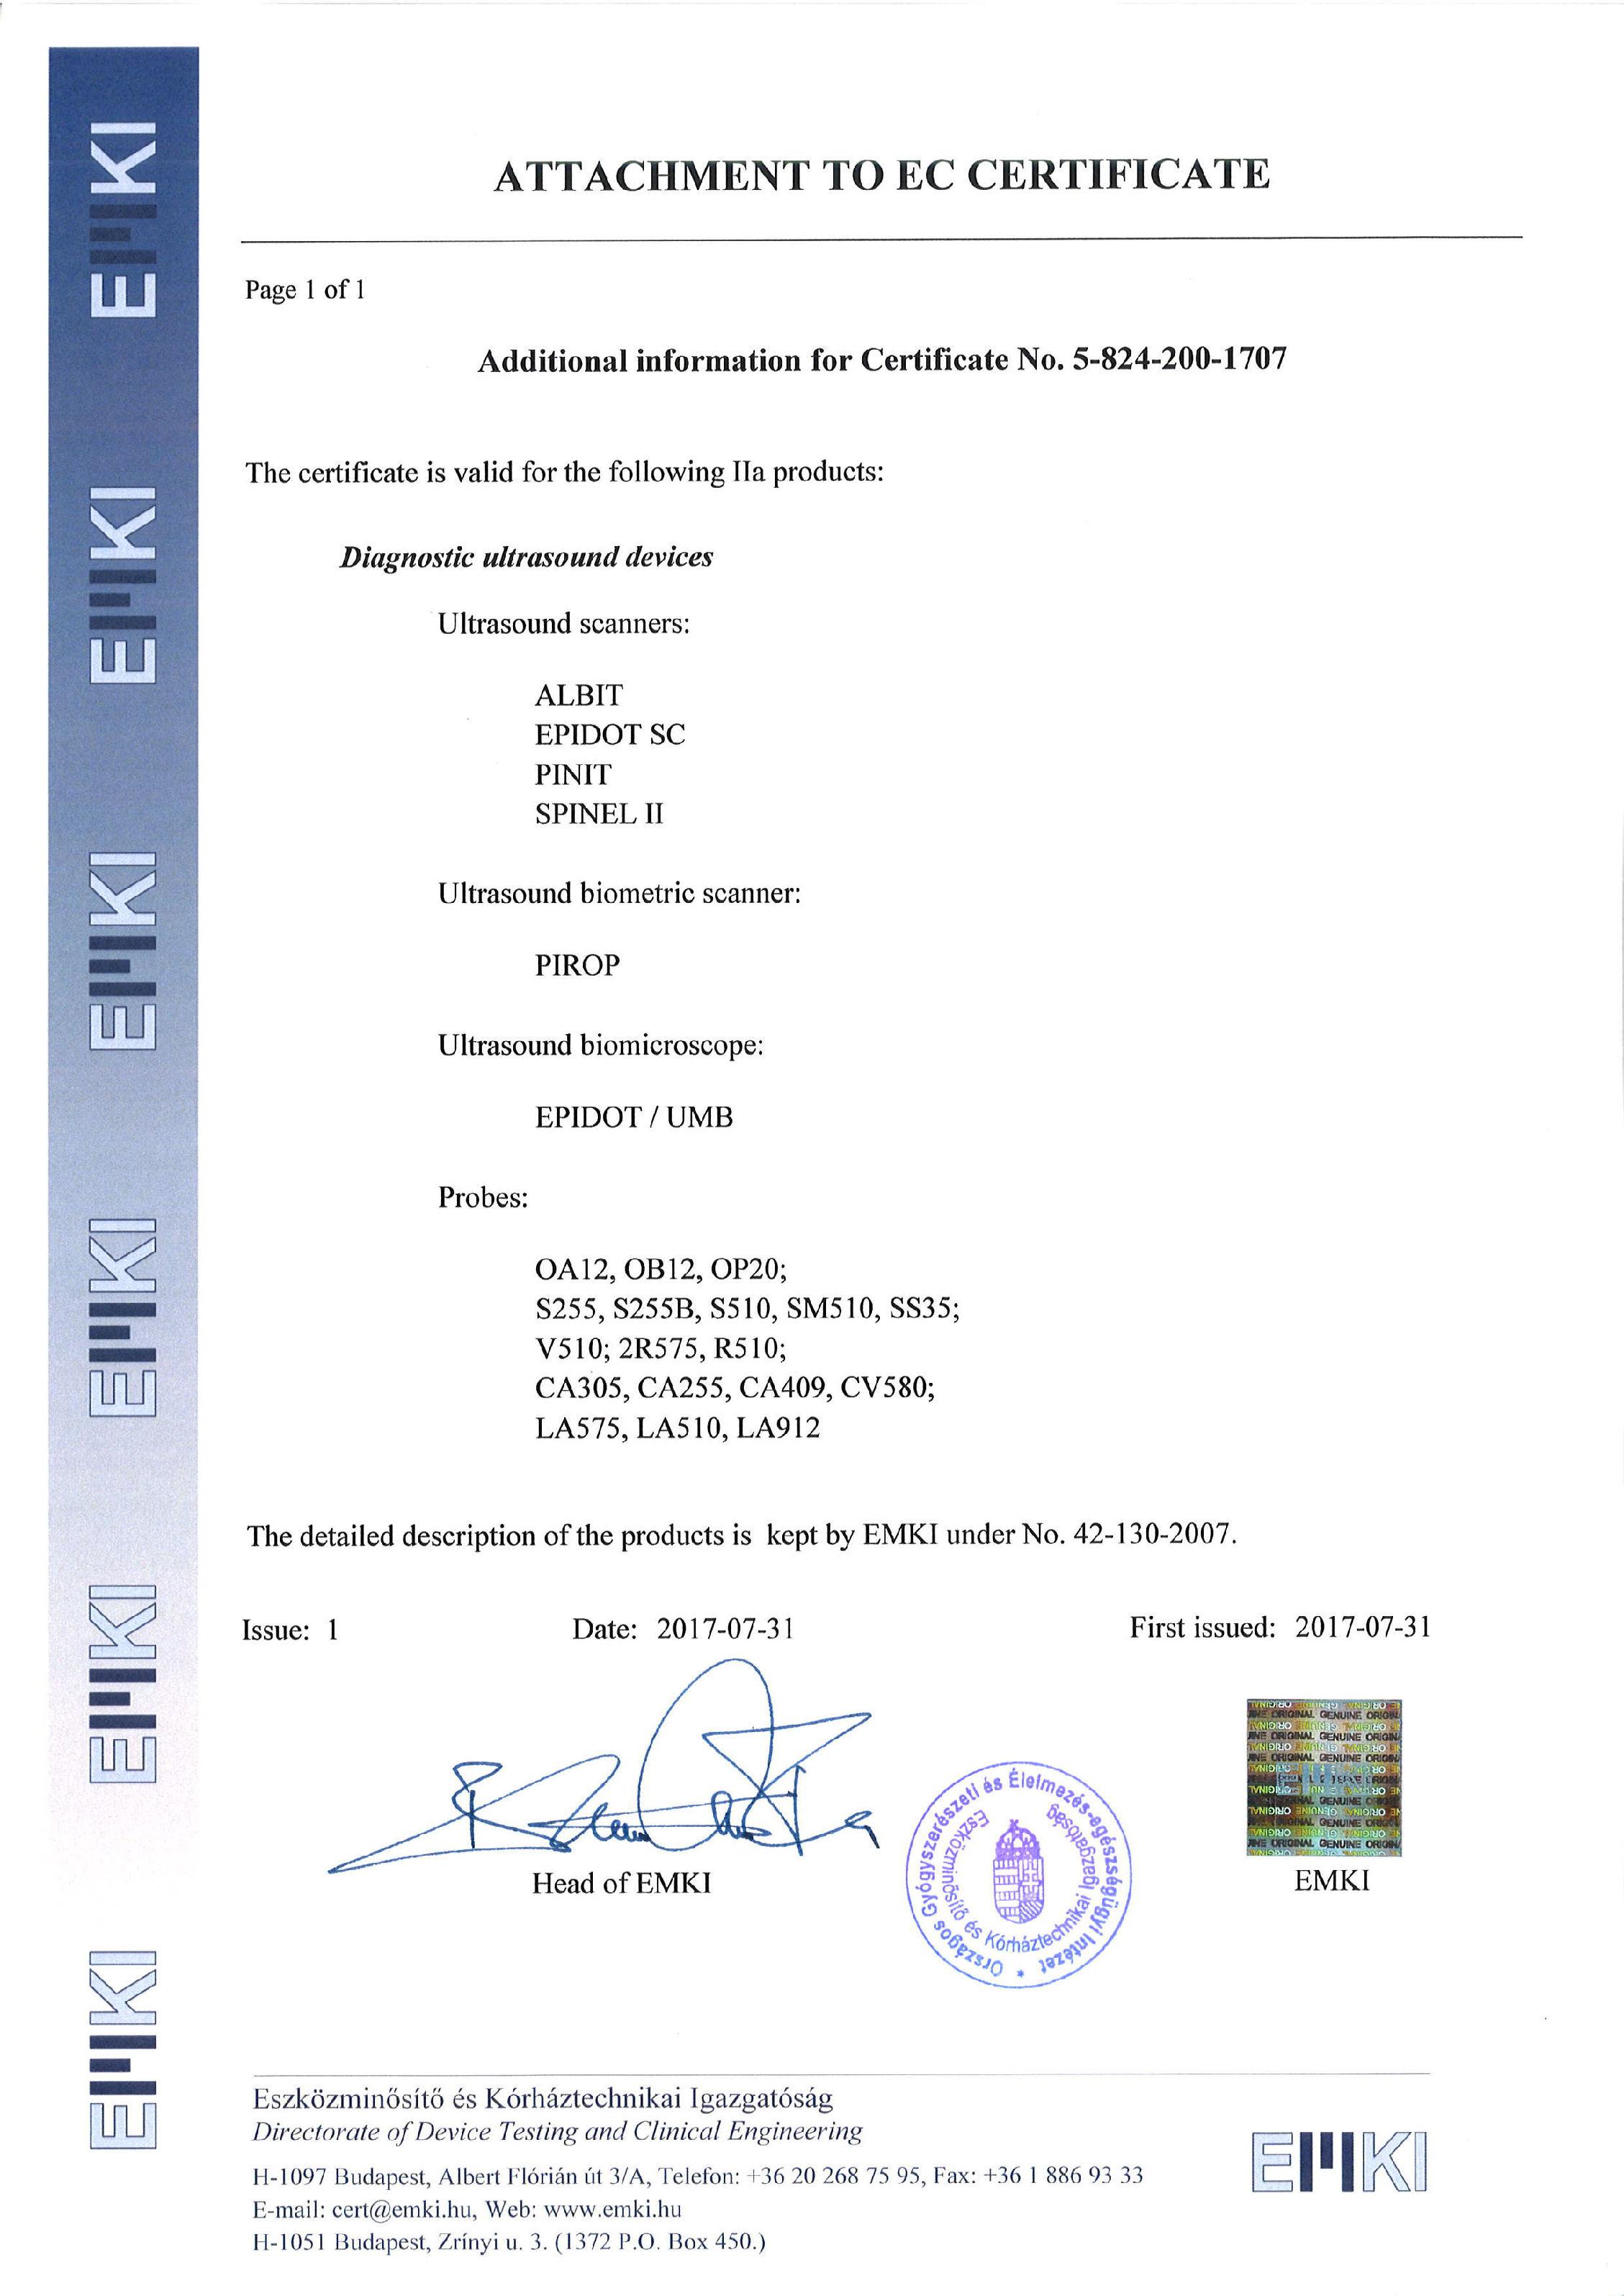 Attachment to CE Certificate